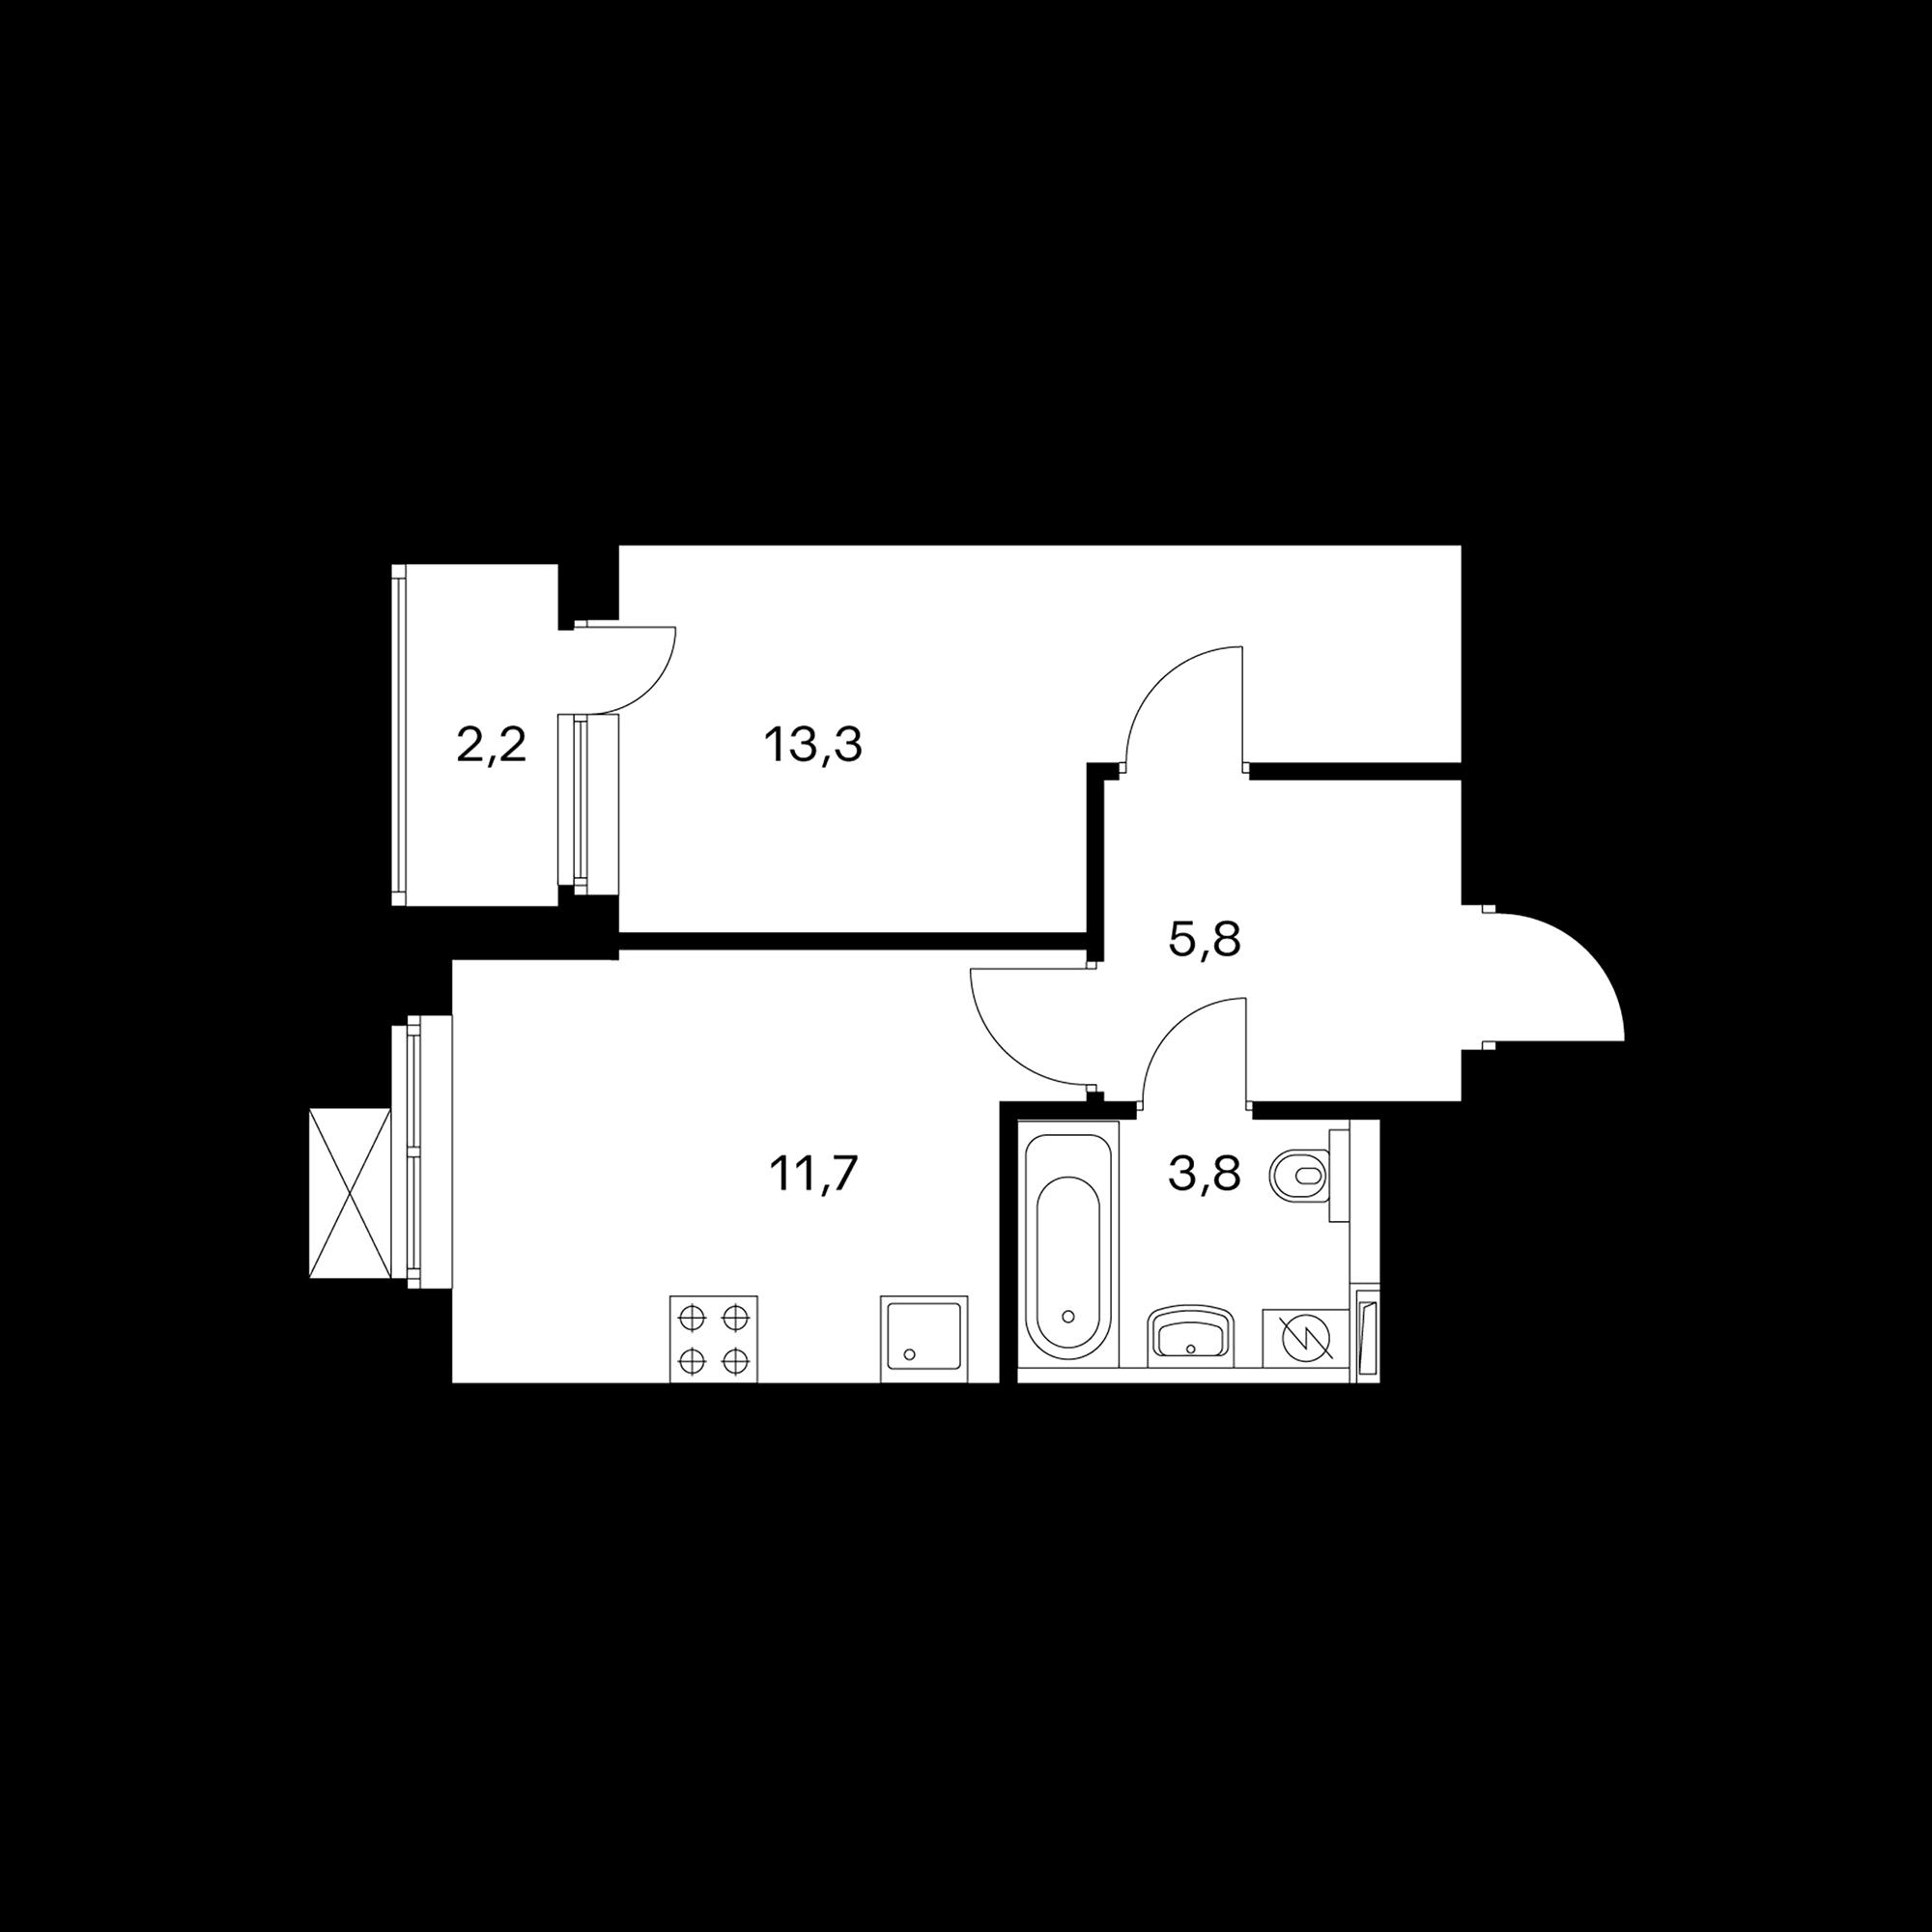 1KS1_6.0-1_S_ZL